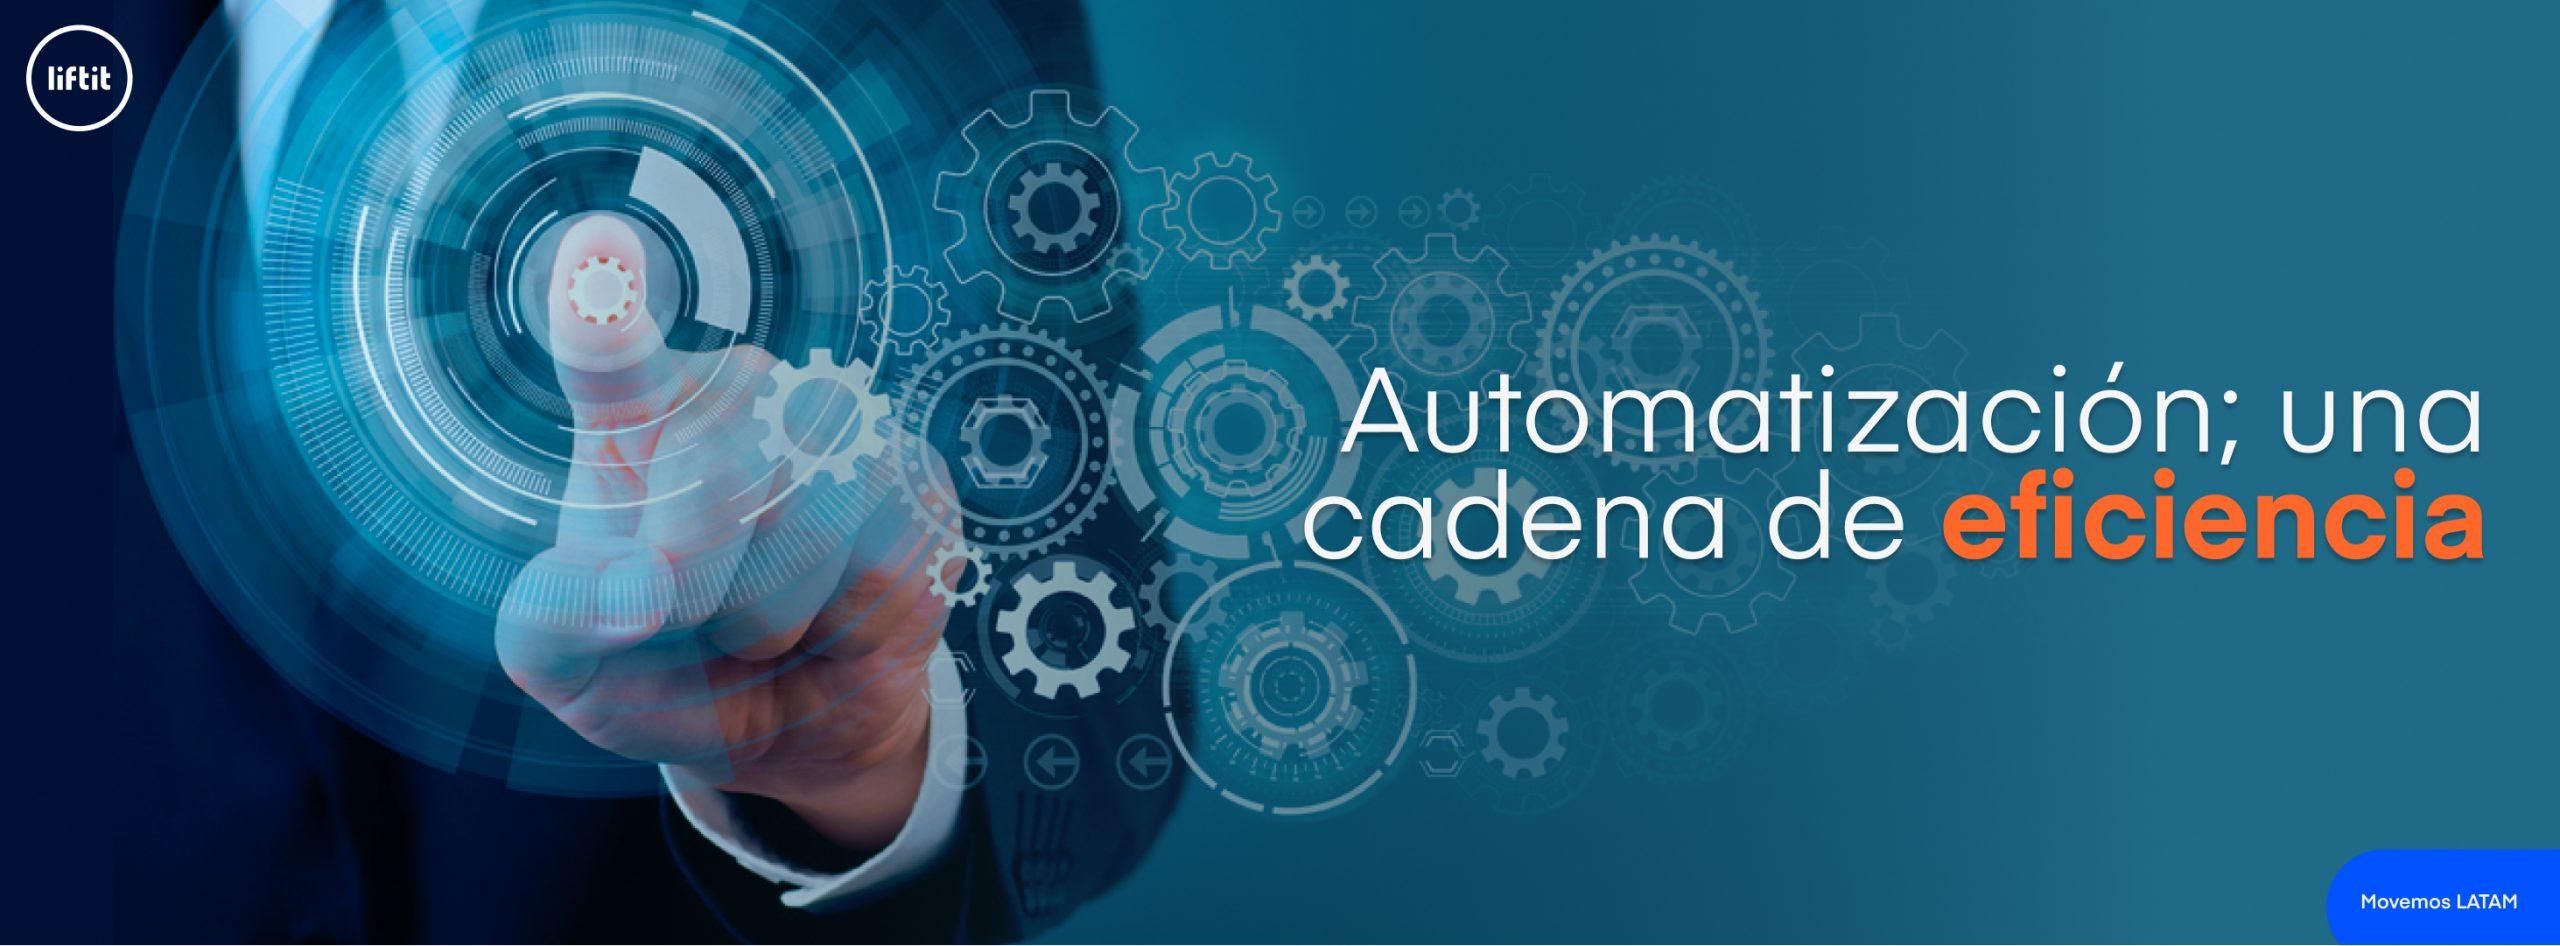 Automatización de la logística para desencadenar la eficiencia.